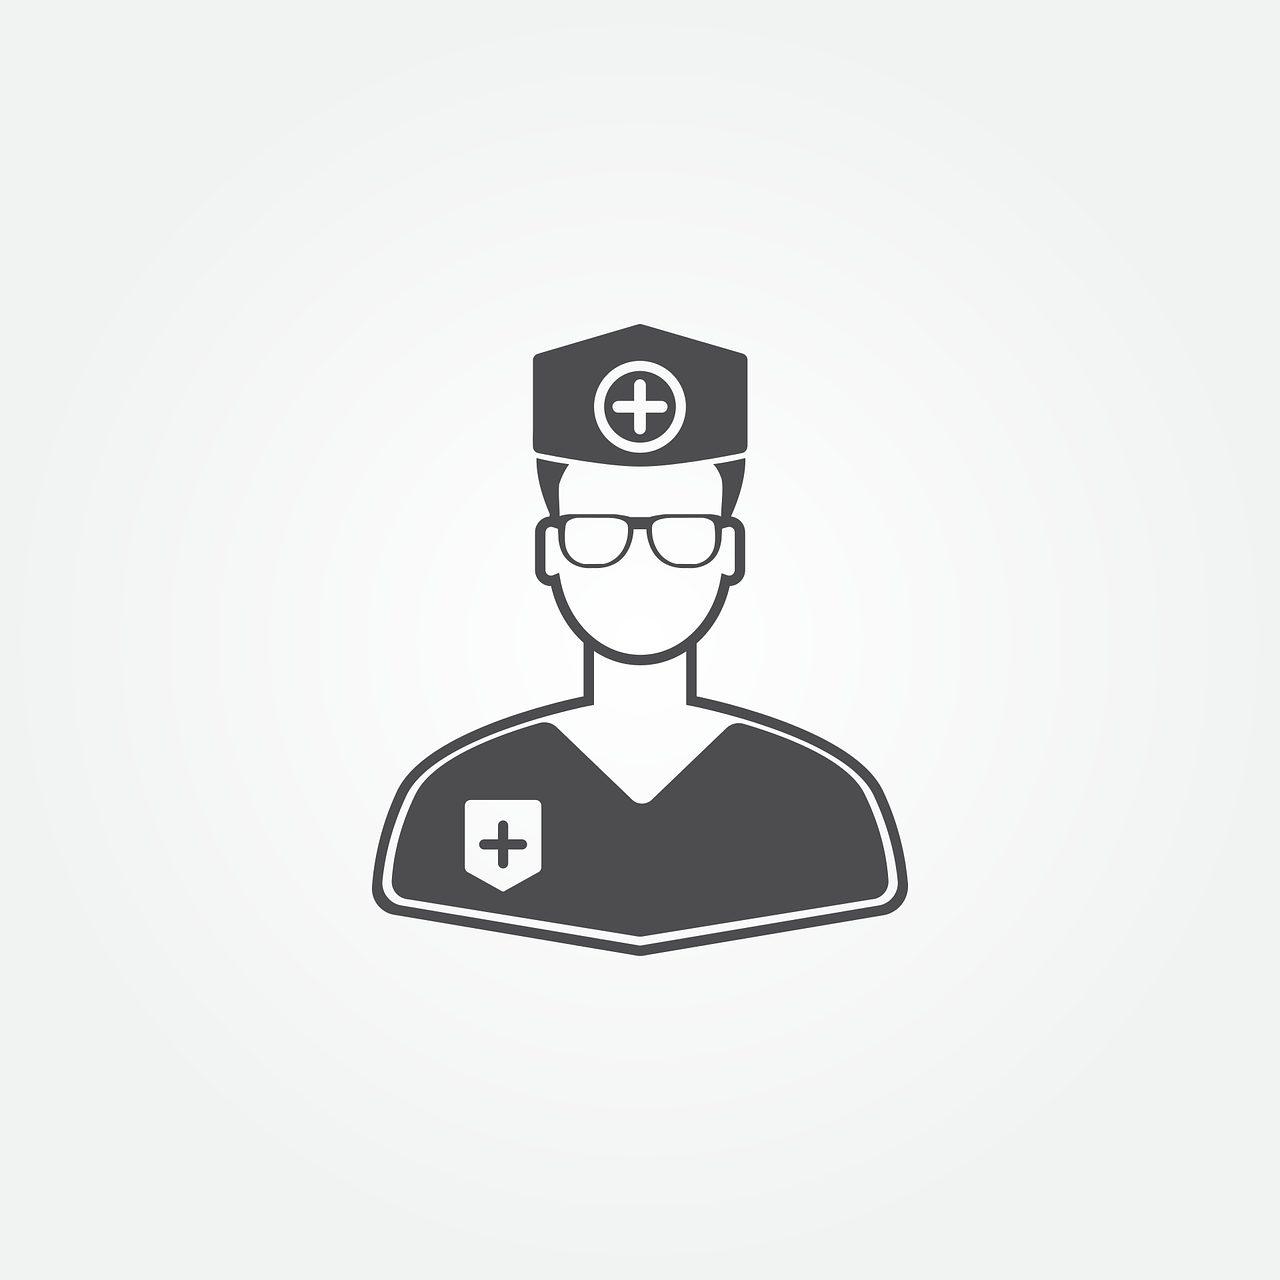 Geelen G van spoedhulp tandarts